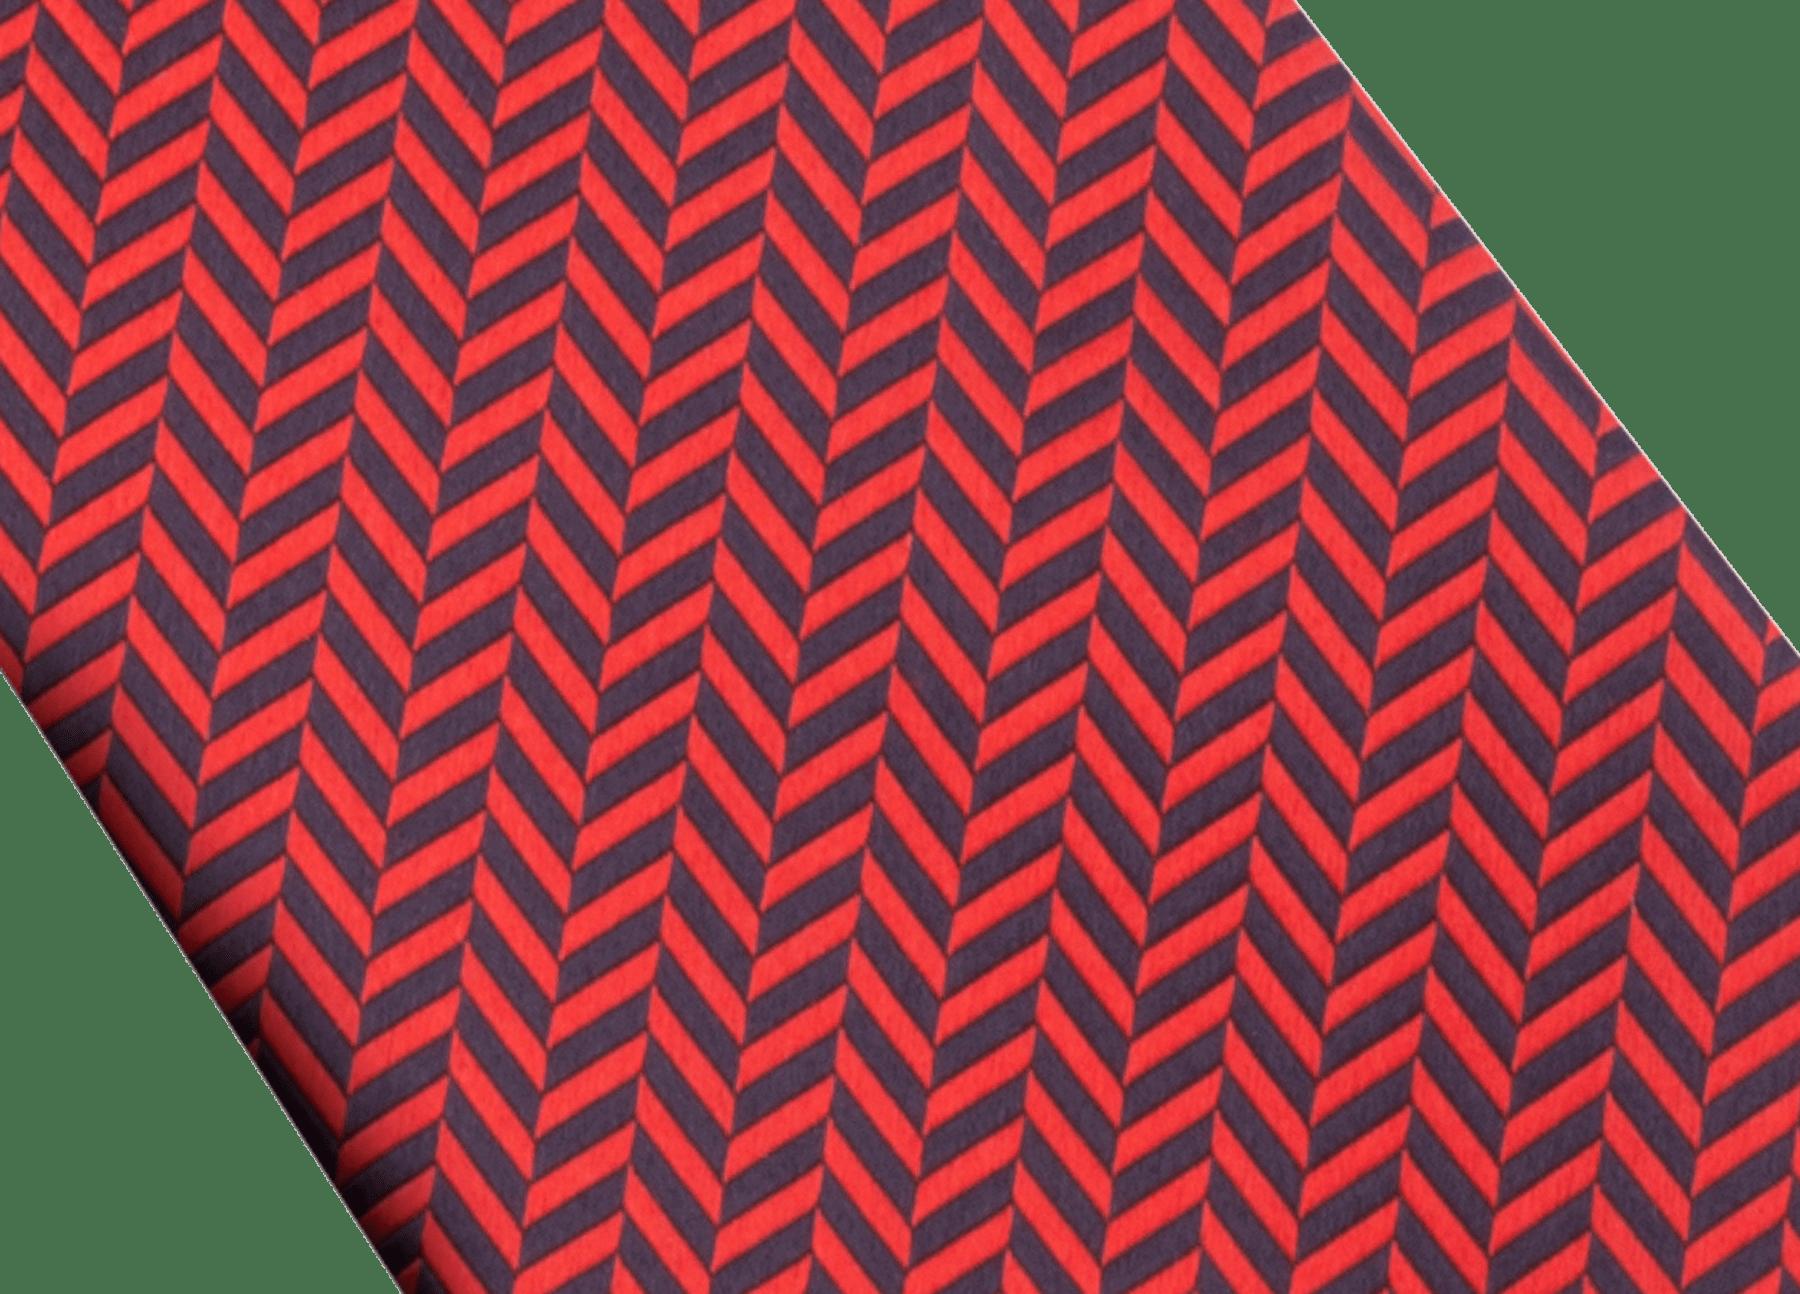 ライトブルーのシェバ―ハート セブンフォールドネクタイ。上質なジャカードシルク製。 ChevrHeart image 2